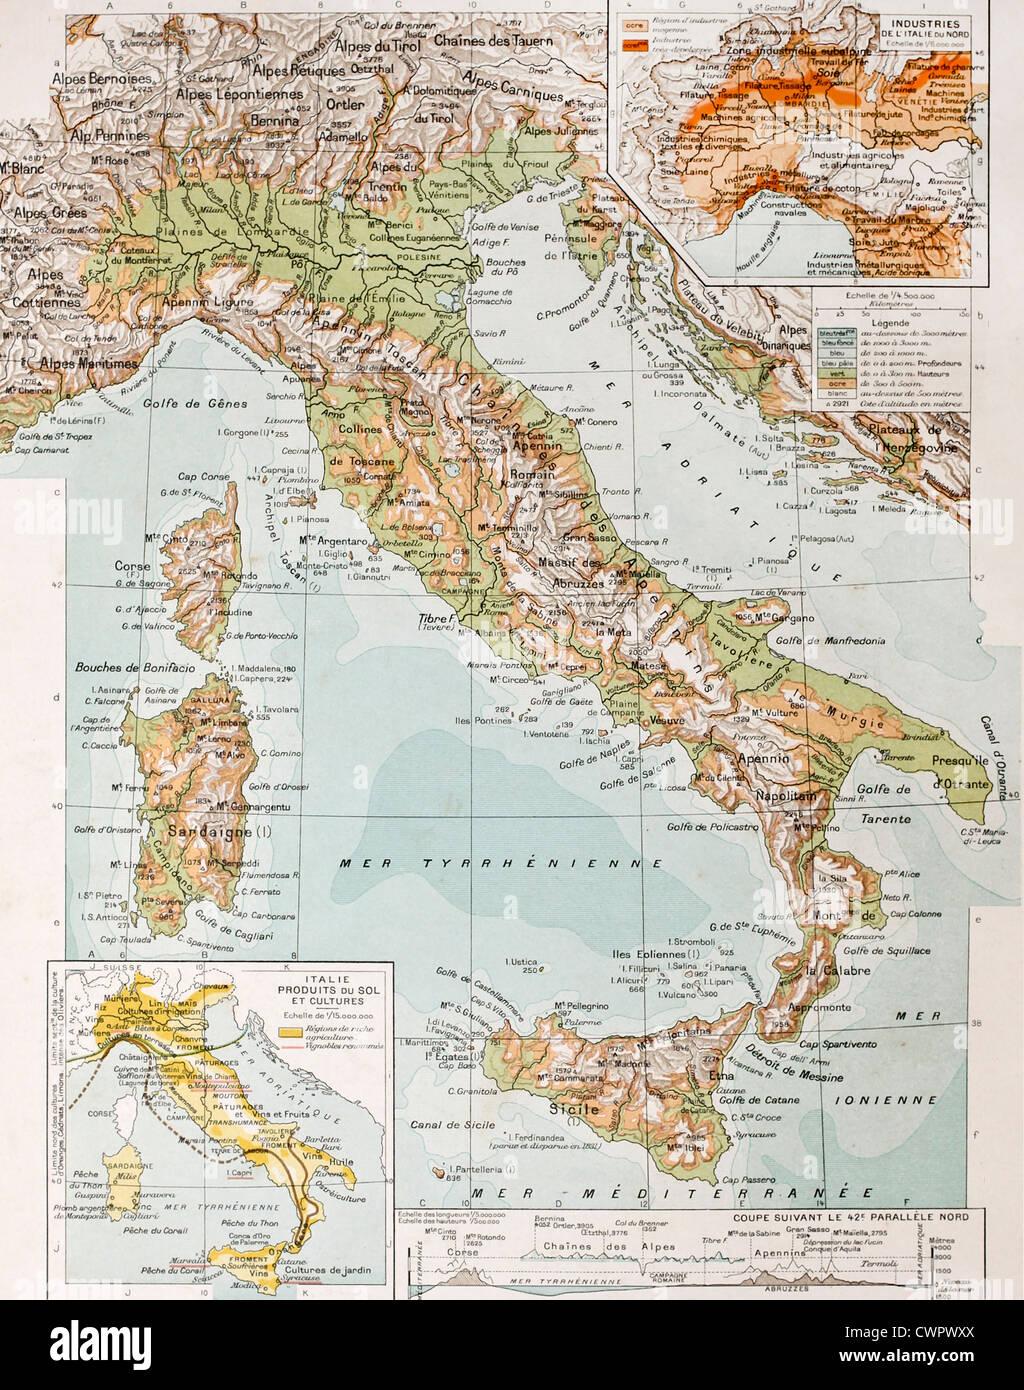 Cartina Fisica Dell Italia Settentrionale.Vecchia Cartina Fisica Dell Italia Foto Stock Alamy